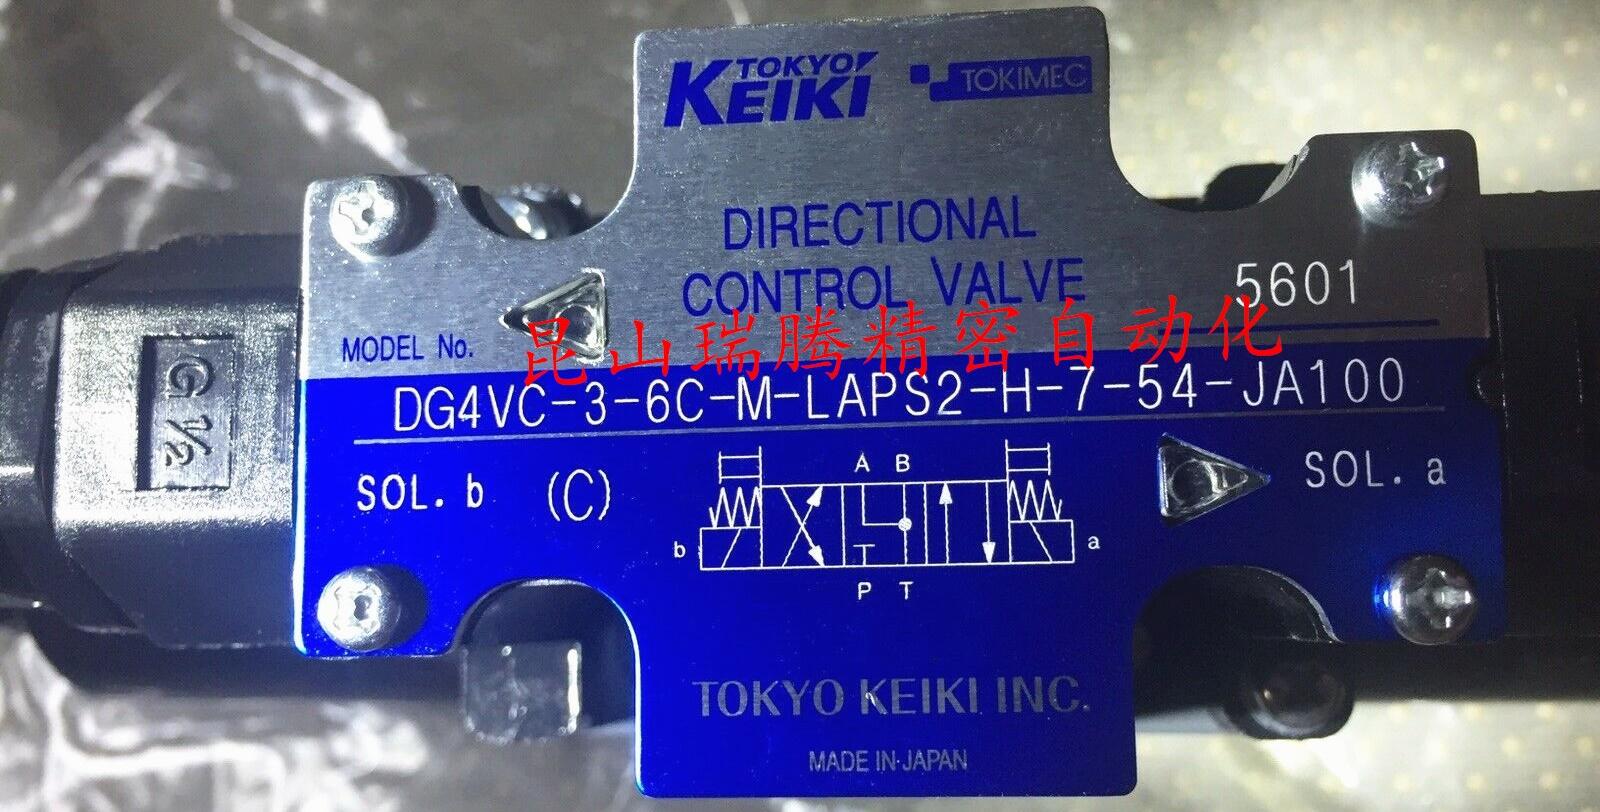 DG4VC-3-6C-M-LAPS3-H-7-56-JA100